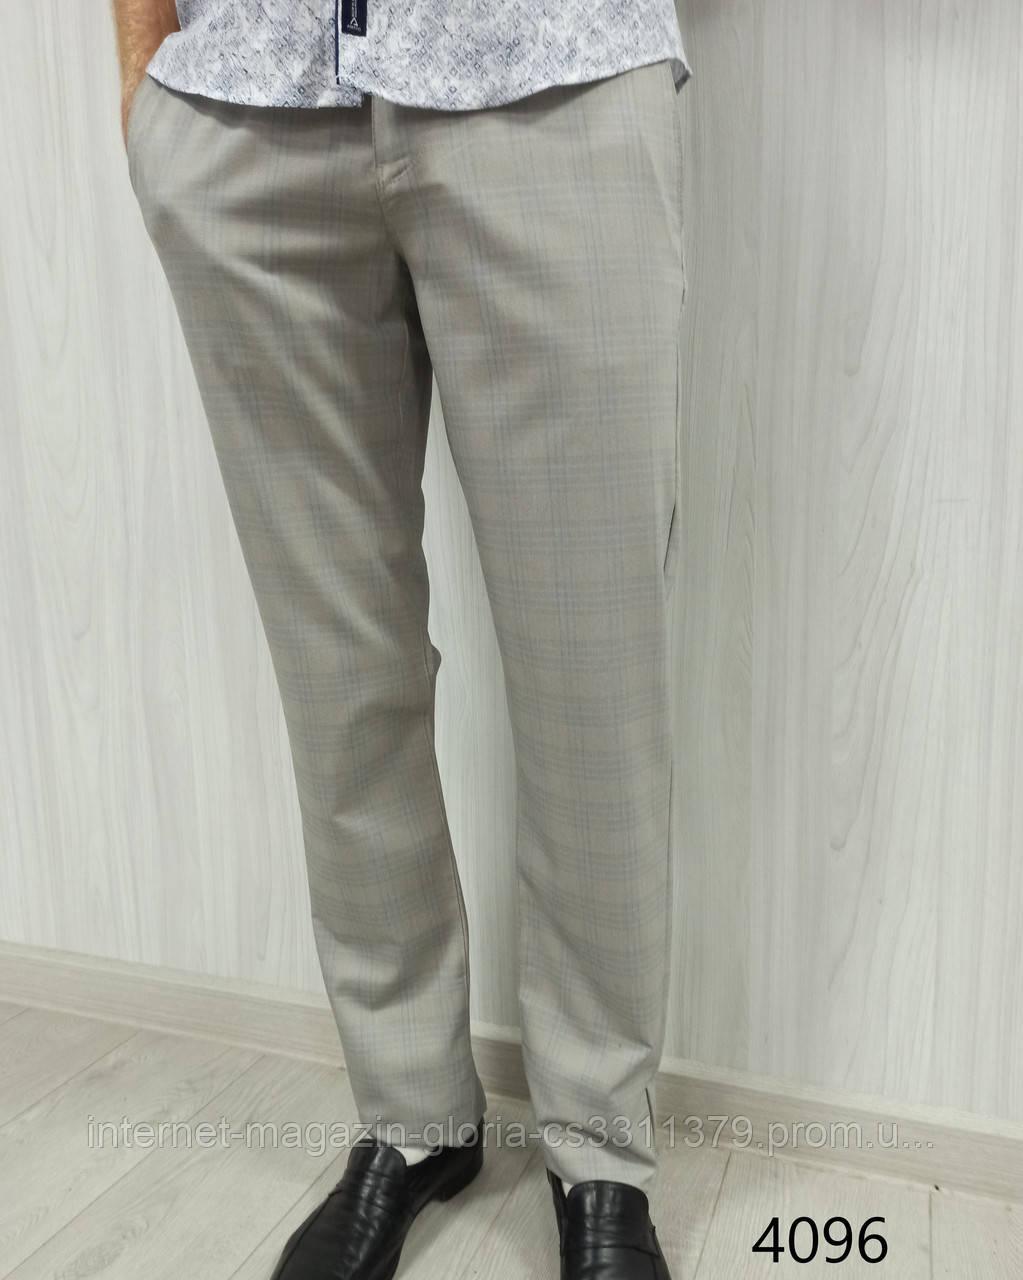 Мужские брюки Prodigy.(cotton 65%,viscon 32%,elastan 3%). Размеры: 29,30,31,32,33,34,36,